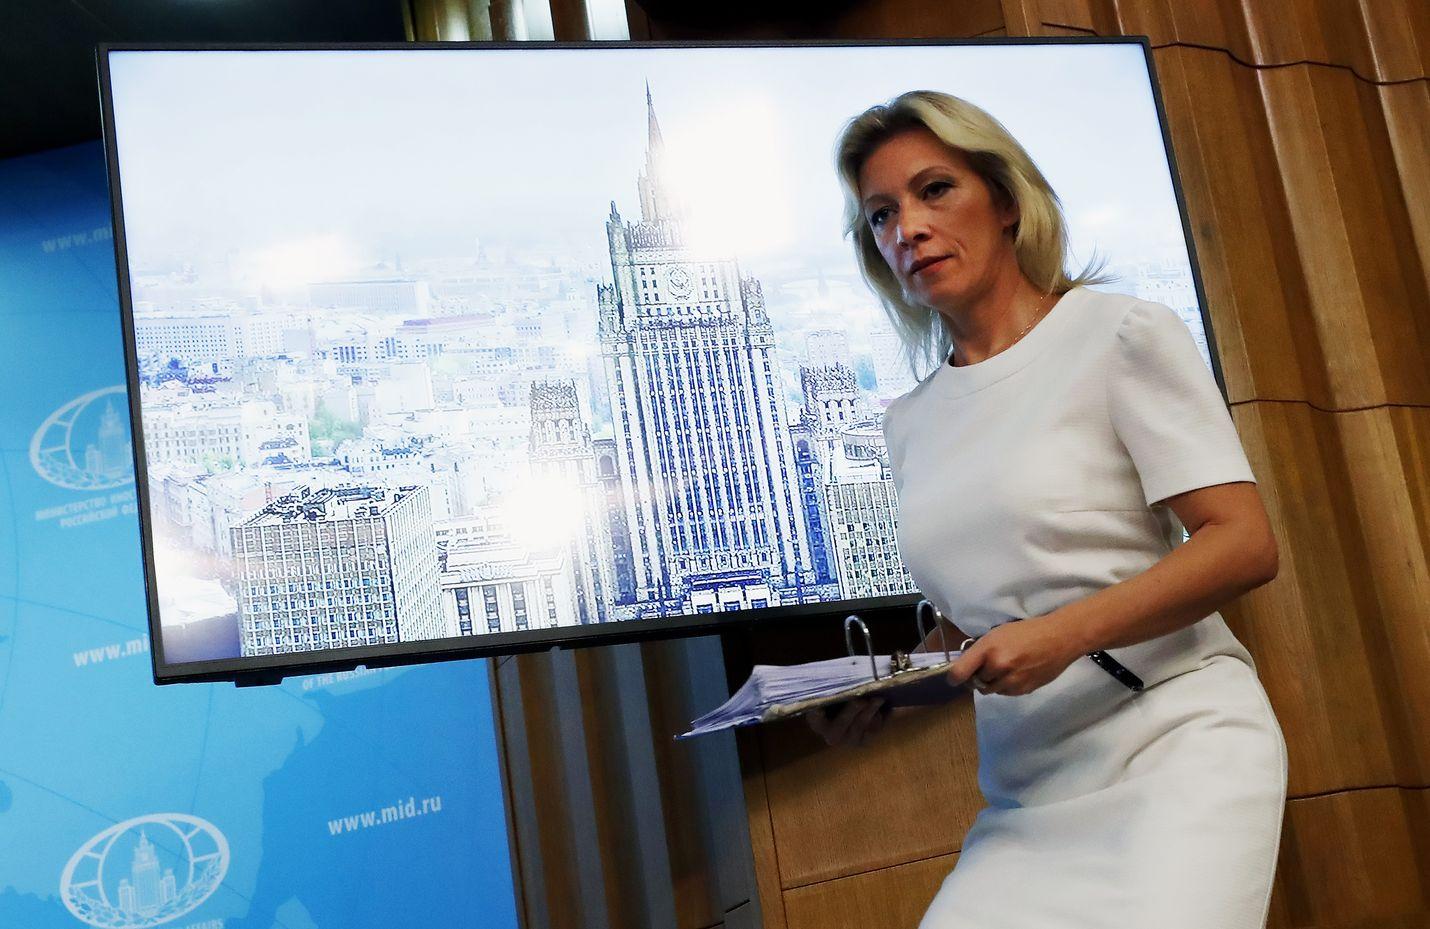 Maria Zaharova saapui Venäjän ulkoministeriön tiedotustilaisuuteen elokuussa 2018. Mediaraportit kertoivat tuolloin, että hän oli kirjoittanut sanoituksia poplauluihin, joita esitti venäläinen laulaja Katya Lel.